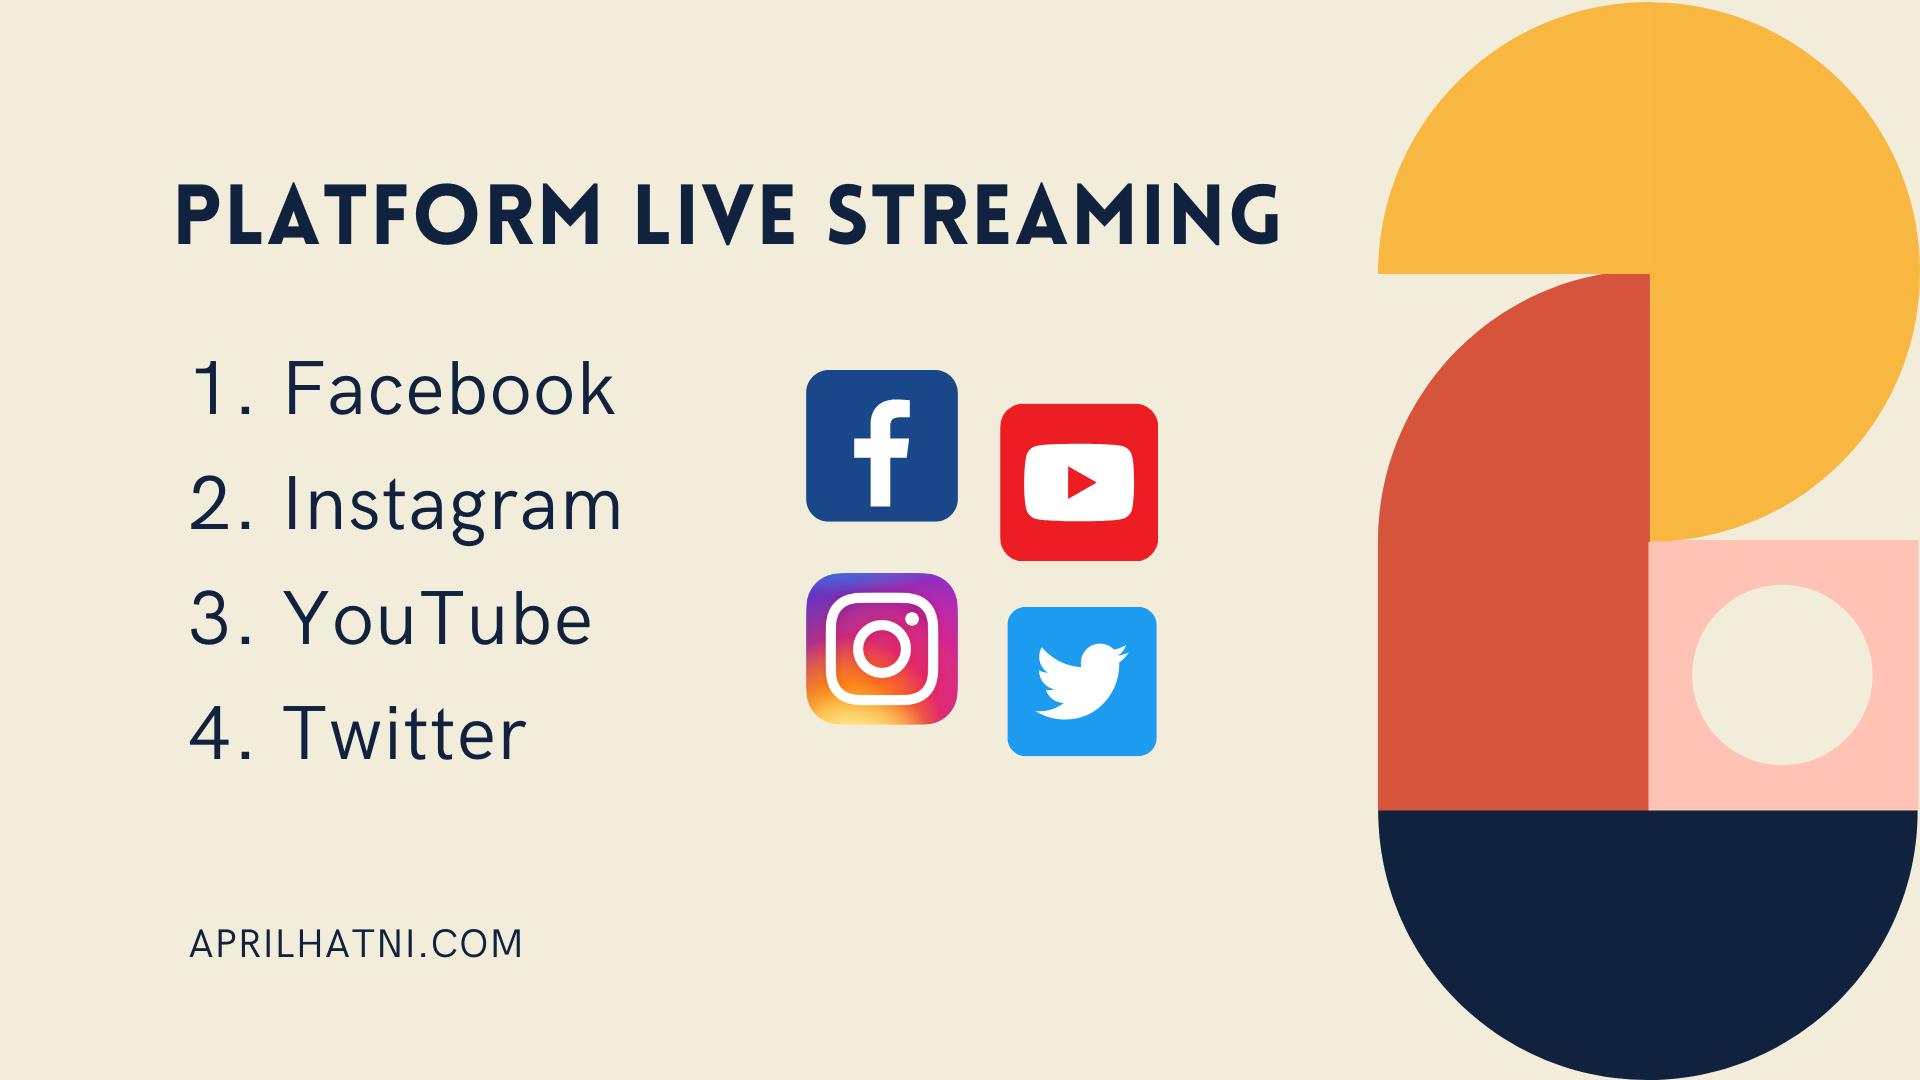 platform live streaming